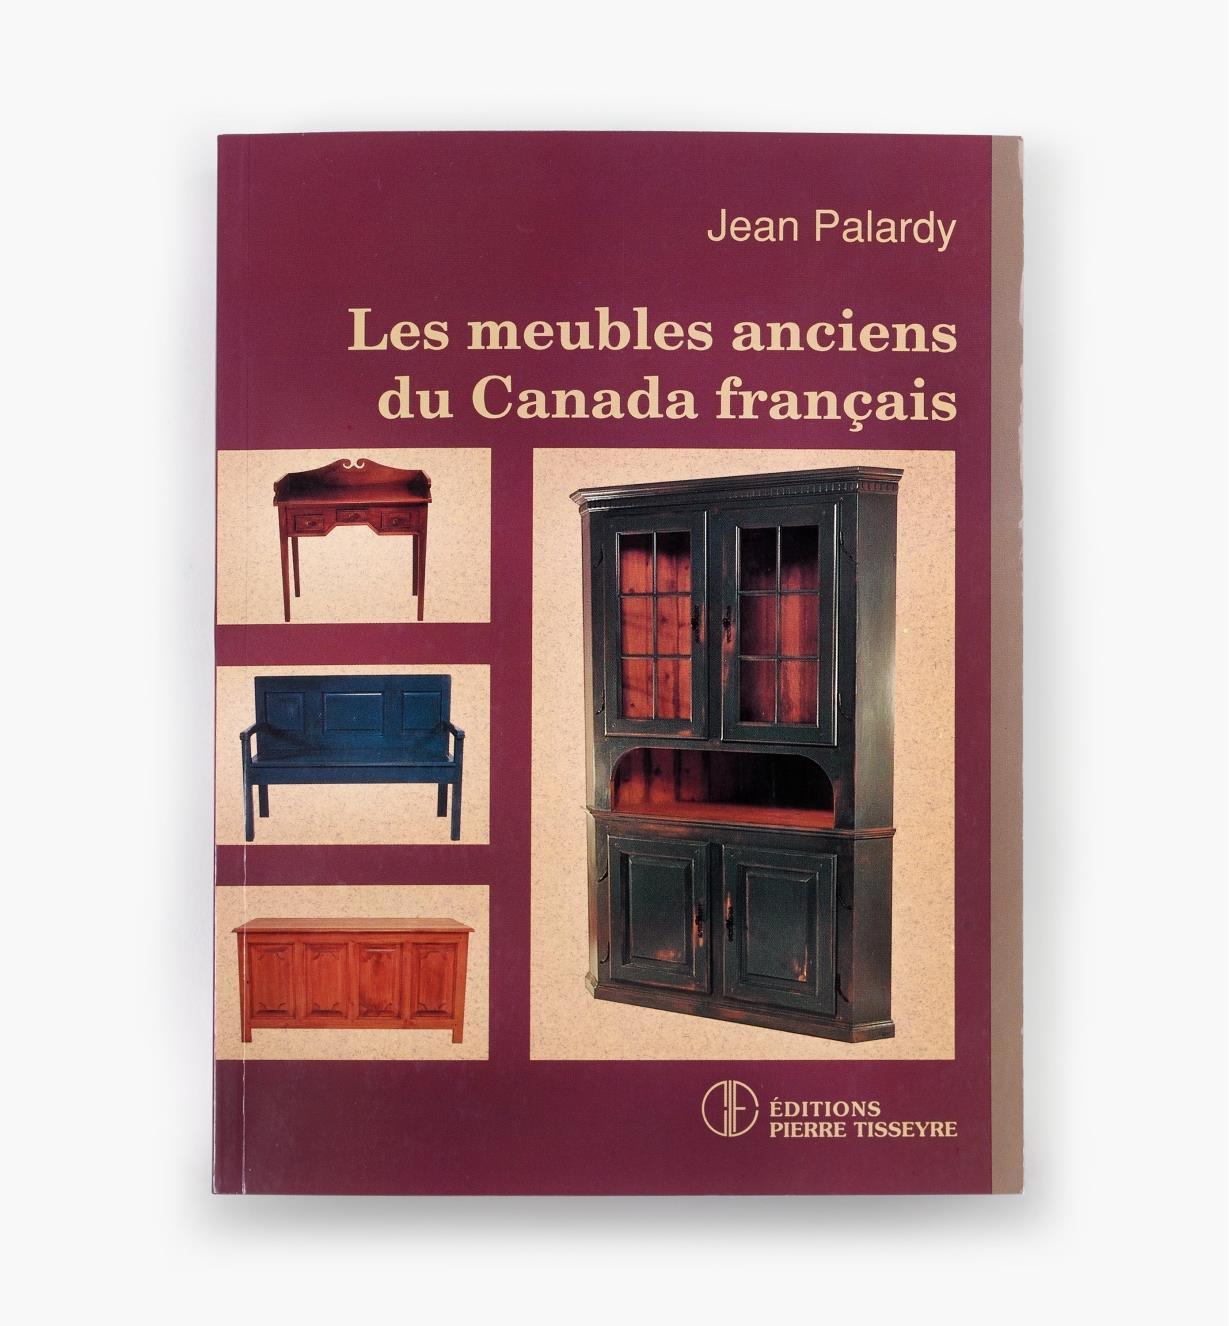 49L0206 - Les meubles anciens du Canada français